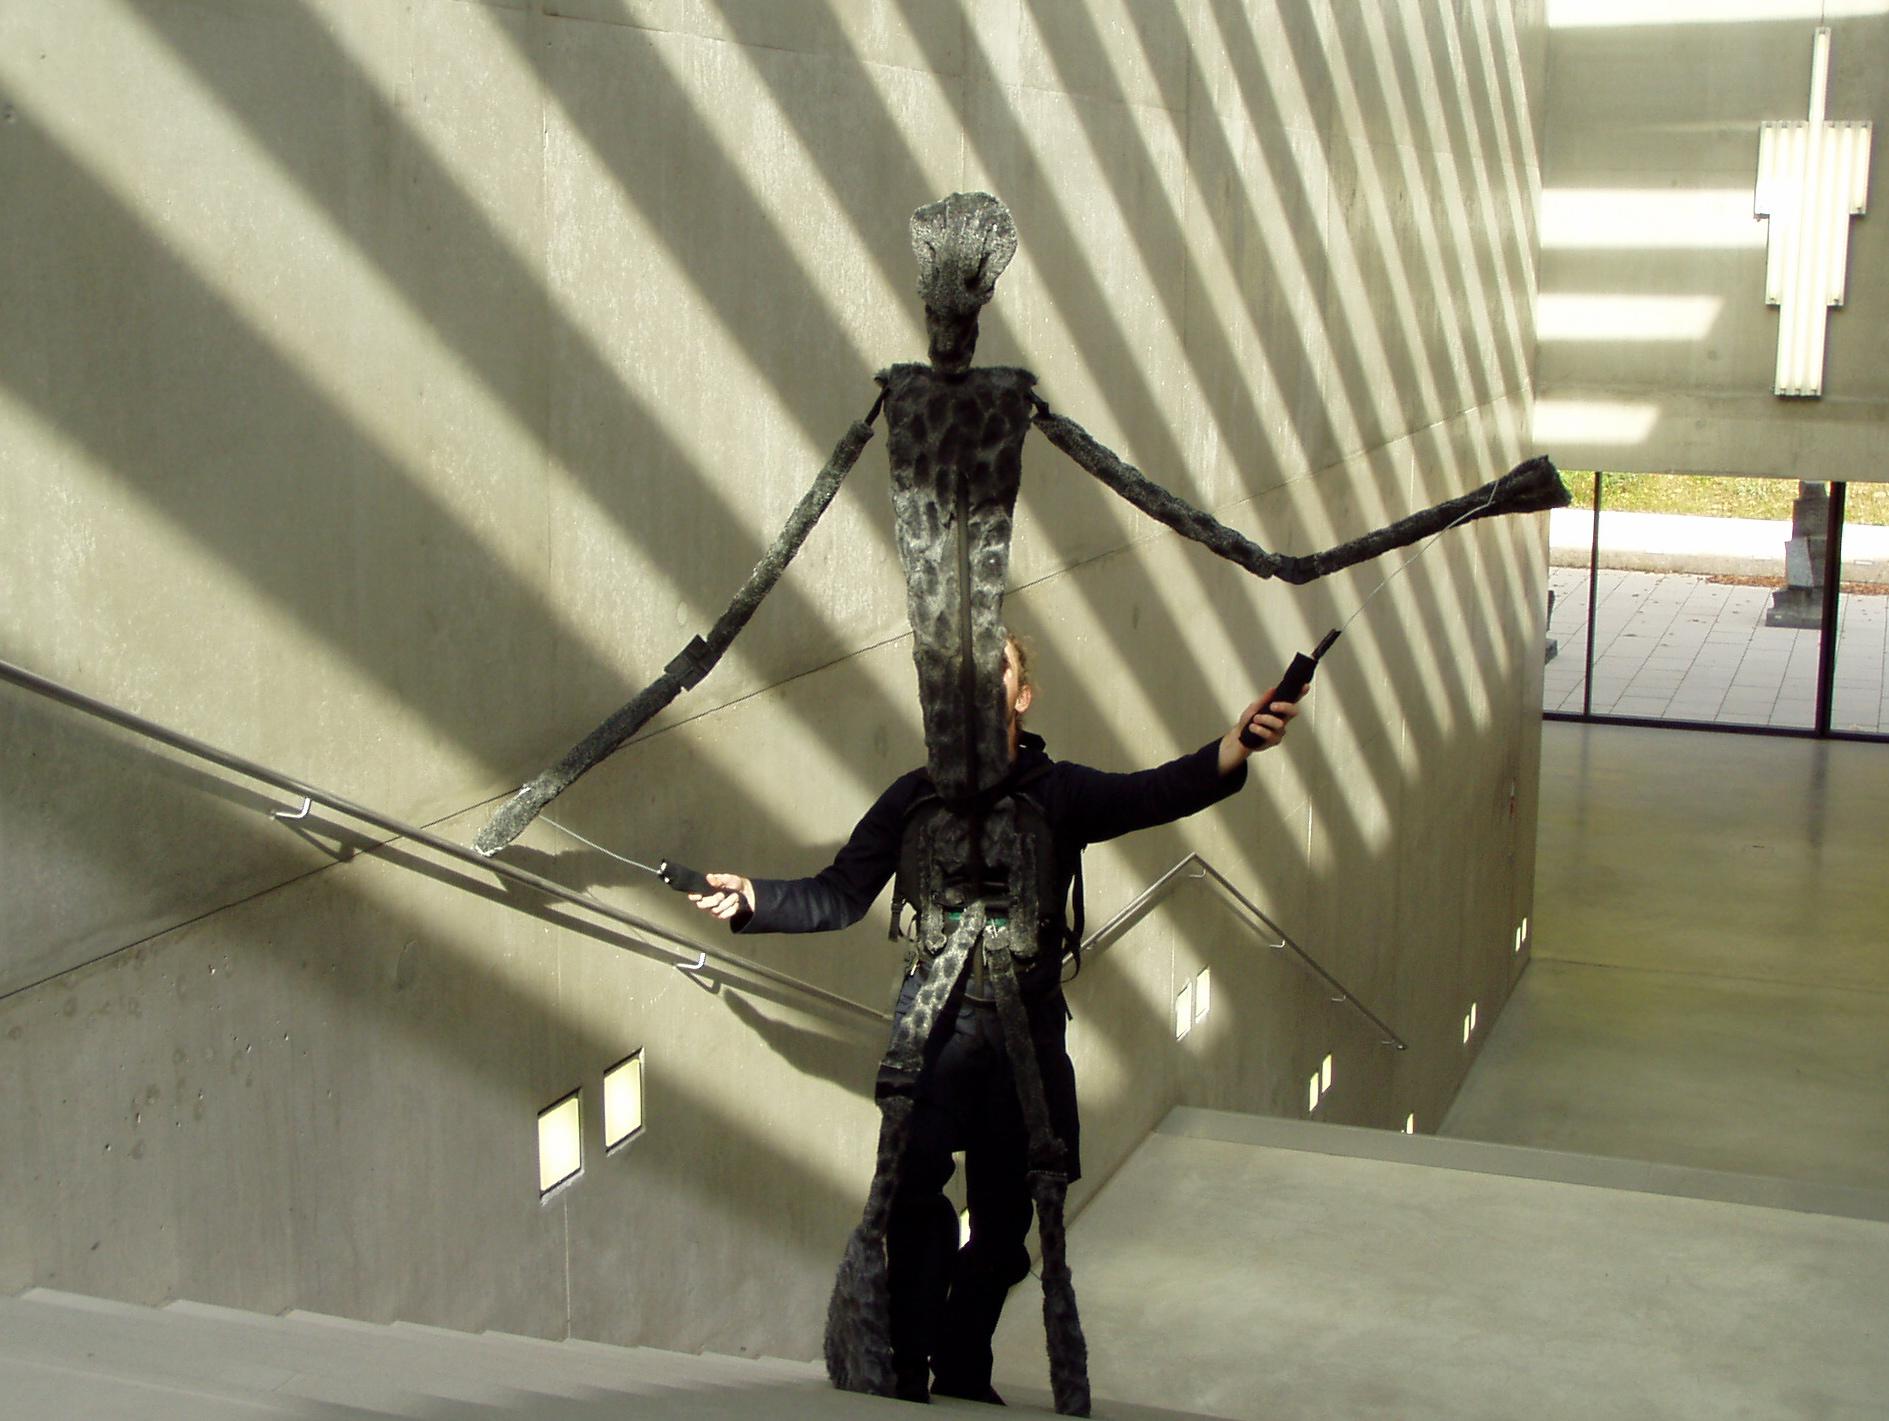 https://i0.wp.com/upload.wikimedia.org/wikipedia/commons/0/0e/Karin-schaefer-puppet-museum-modern-art-salzburg.jpg